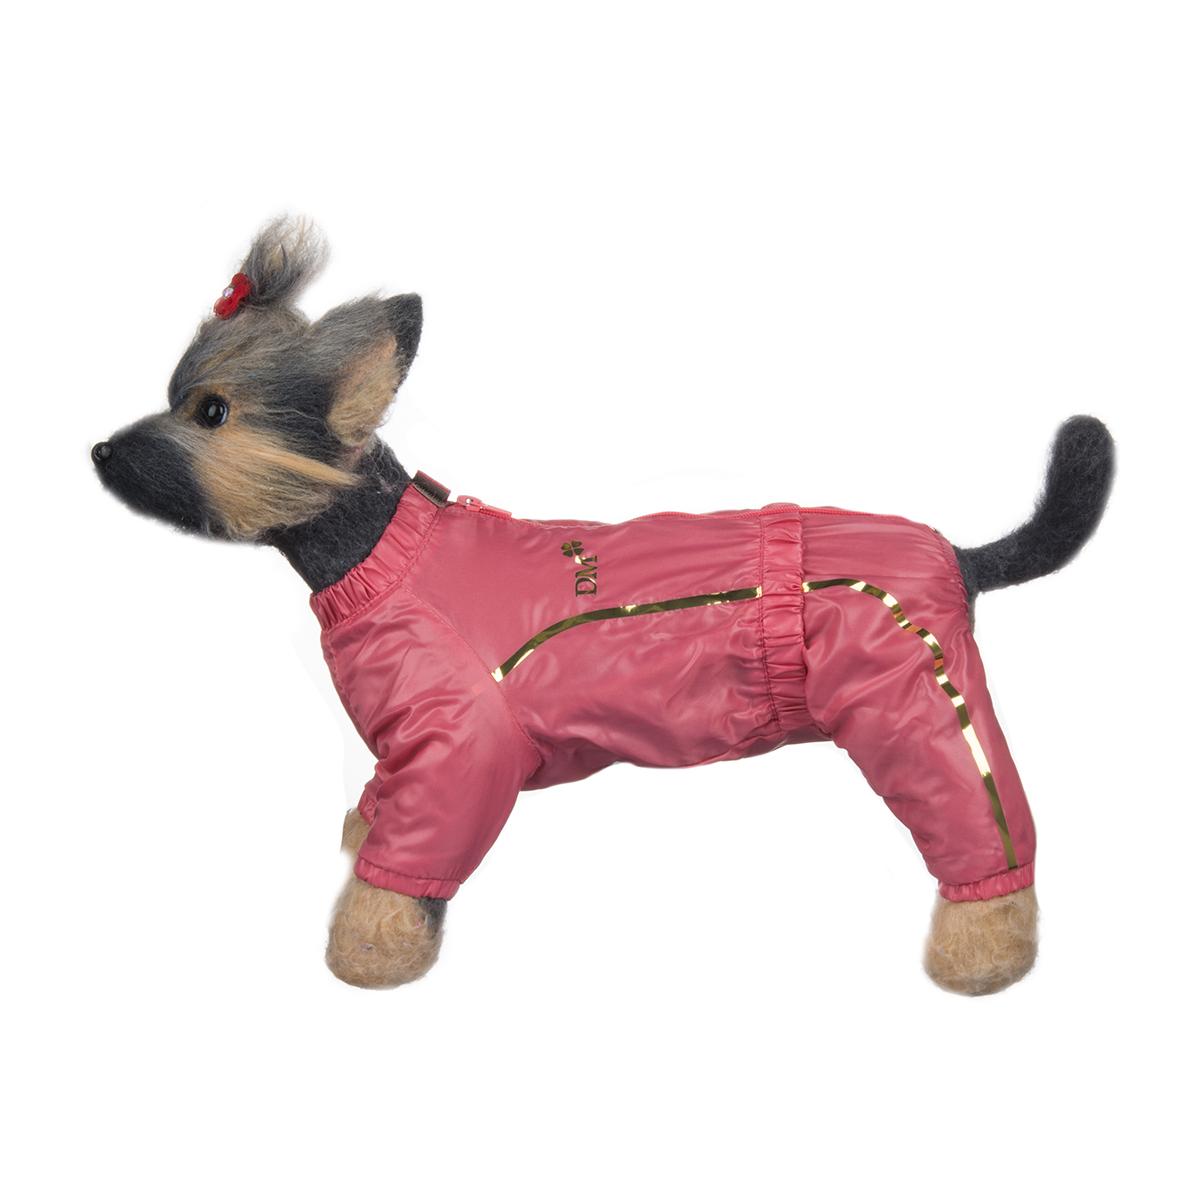 Комбинезон для собак Dogmoda Альпы, для девочки, цвет: коралловый. Размер 4 (XL)DM-150326-4Комбинезон для собак Dogmoda Альпы отлично подойдет для прогулок поздней осенью или ранней весной.Комбинезон изготовлен из полиэстера, защищающего от ветра и осадков, с подкладкой из флиса, которая сохранит тепло и обеспечит отличный воздухообмен. Комбинезон застегивается на молнию и липучку, благодаря чему его легко надевать и снимать. Ворот, низ рукавов и брючин оснащены внутренними резинками, которые мягко обхватывают шею и лапки, не позволяя просачиваться холодному воздуху. На пояснице имеется внутренняя резинка. Изделие декорировано золотистыми полосками и надписью DM.Благодаря такому комбинезону простуда не грозит вашему питомцу и он не даст любимцу продрогнуть на прогулке.